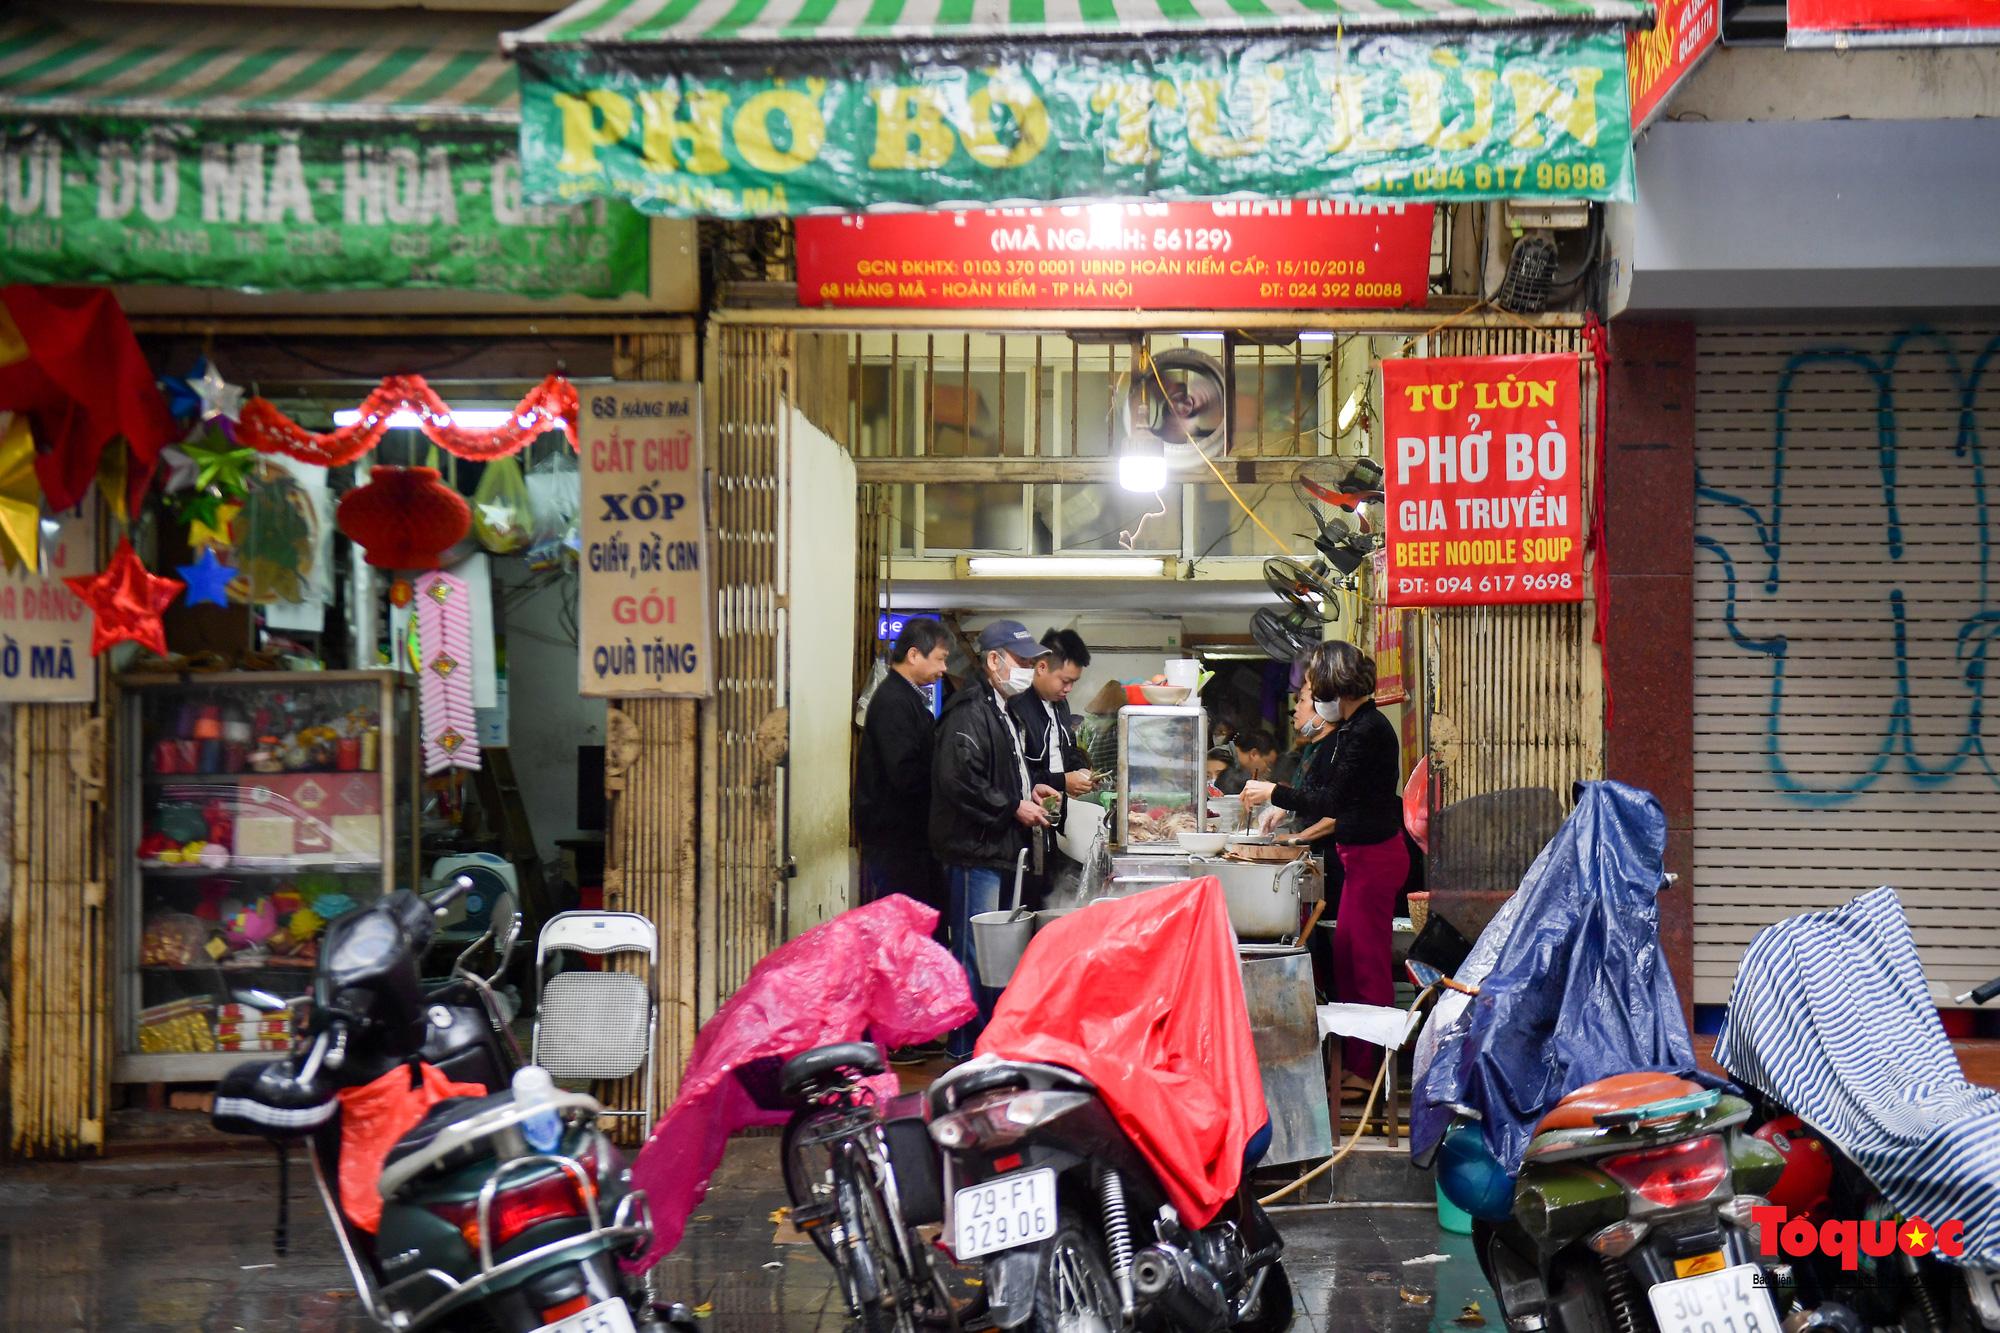 Người Hà Nội dạy sớm thưởng thức đặc sản thủ đô ngay khi hàng quán được bán hàng tại chỗ - Ảnh 7.